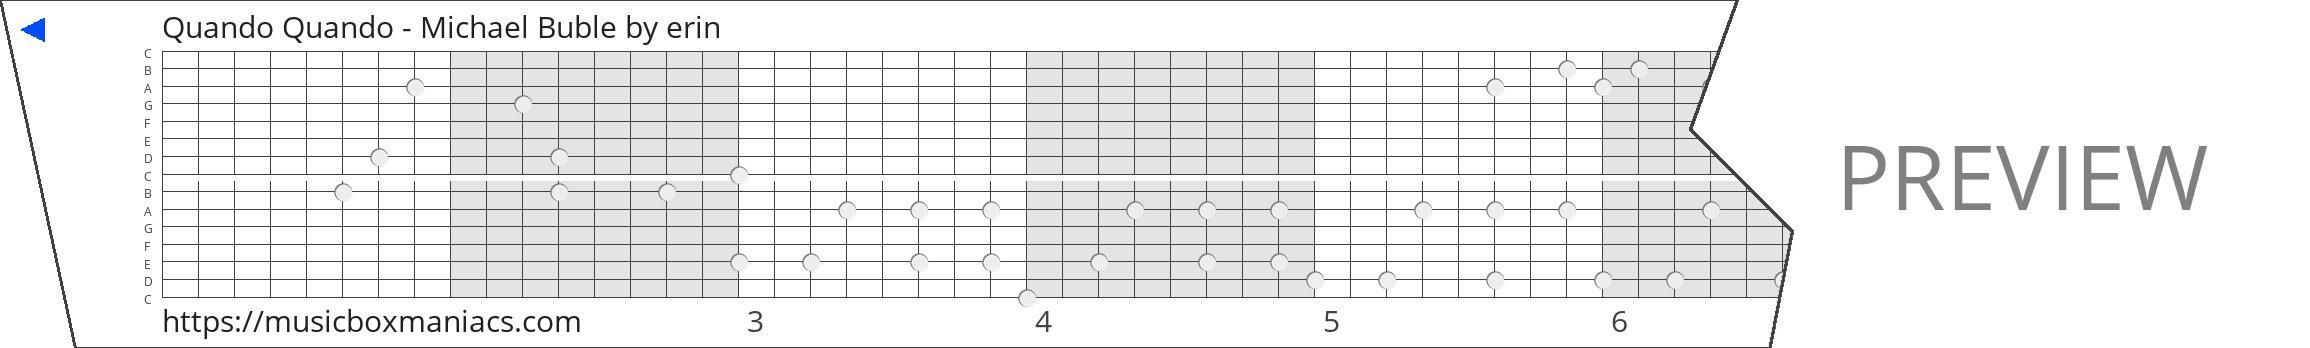 Quando Quando - Michael Buble 15 note music box paper strip